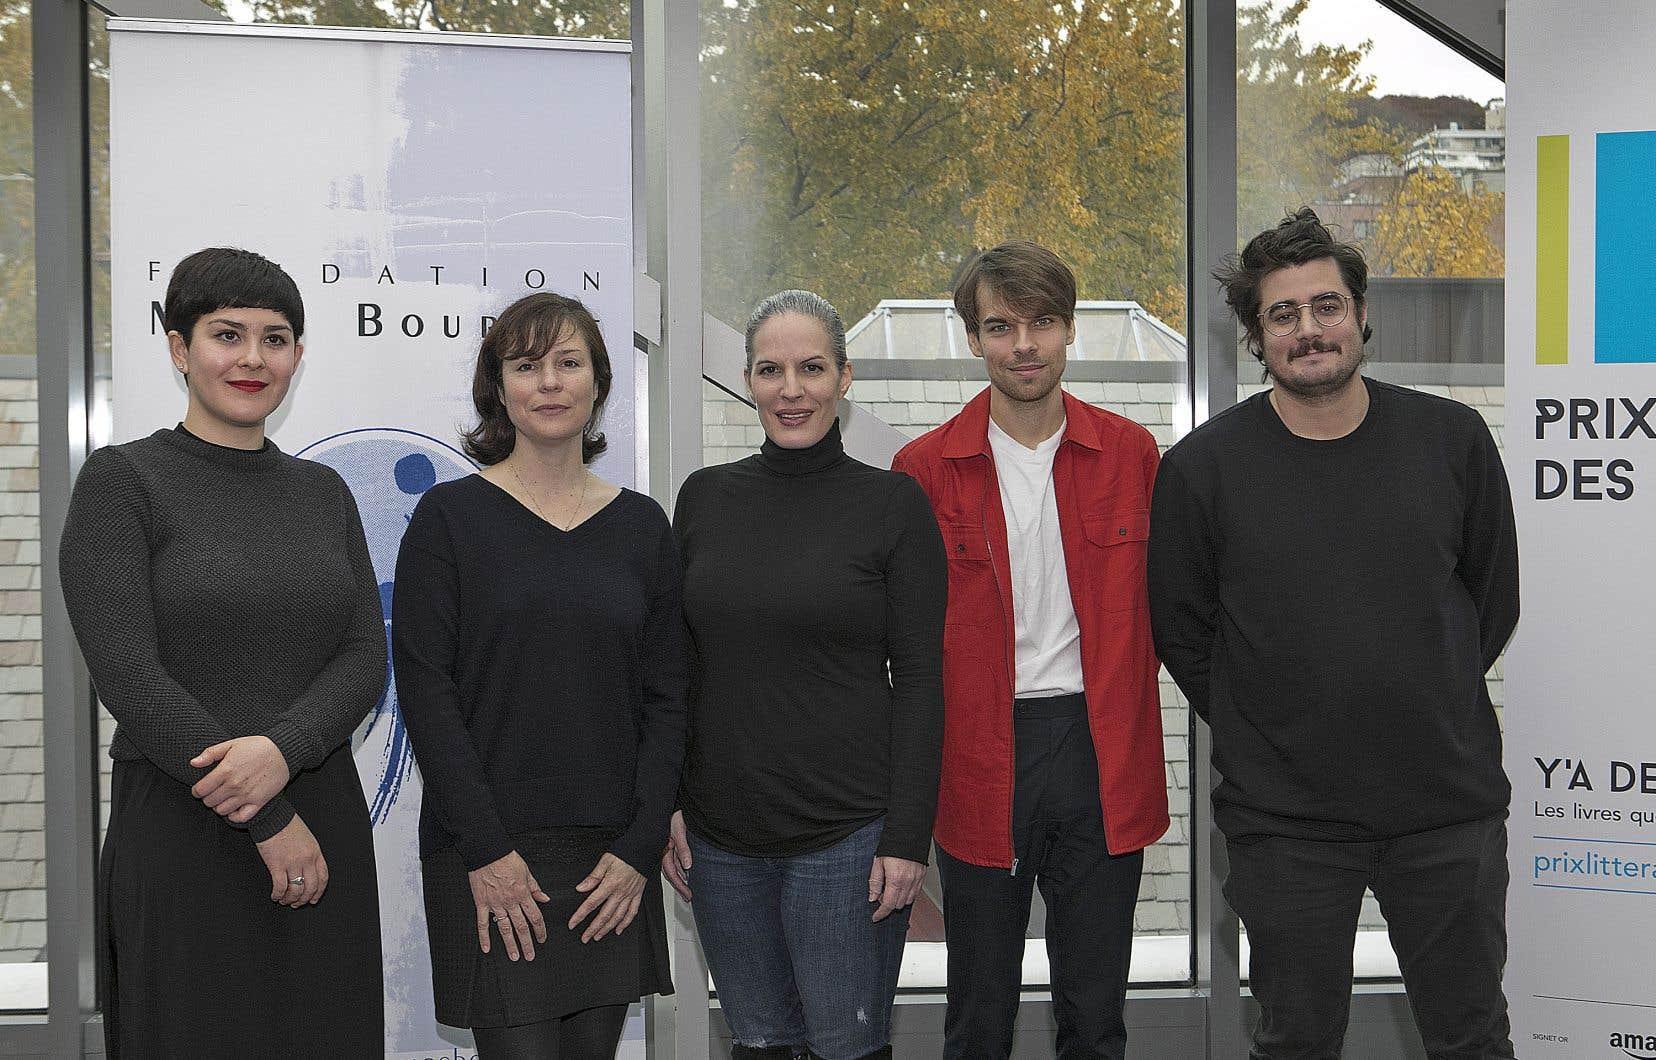 Les auteurs Lula Carballo, Dominique Fortier, Karoline Georges, Kevin Lambert et Jean-Christophe Réhel étaient présents lors du dévoilement des cinq fictions finalistes.